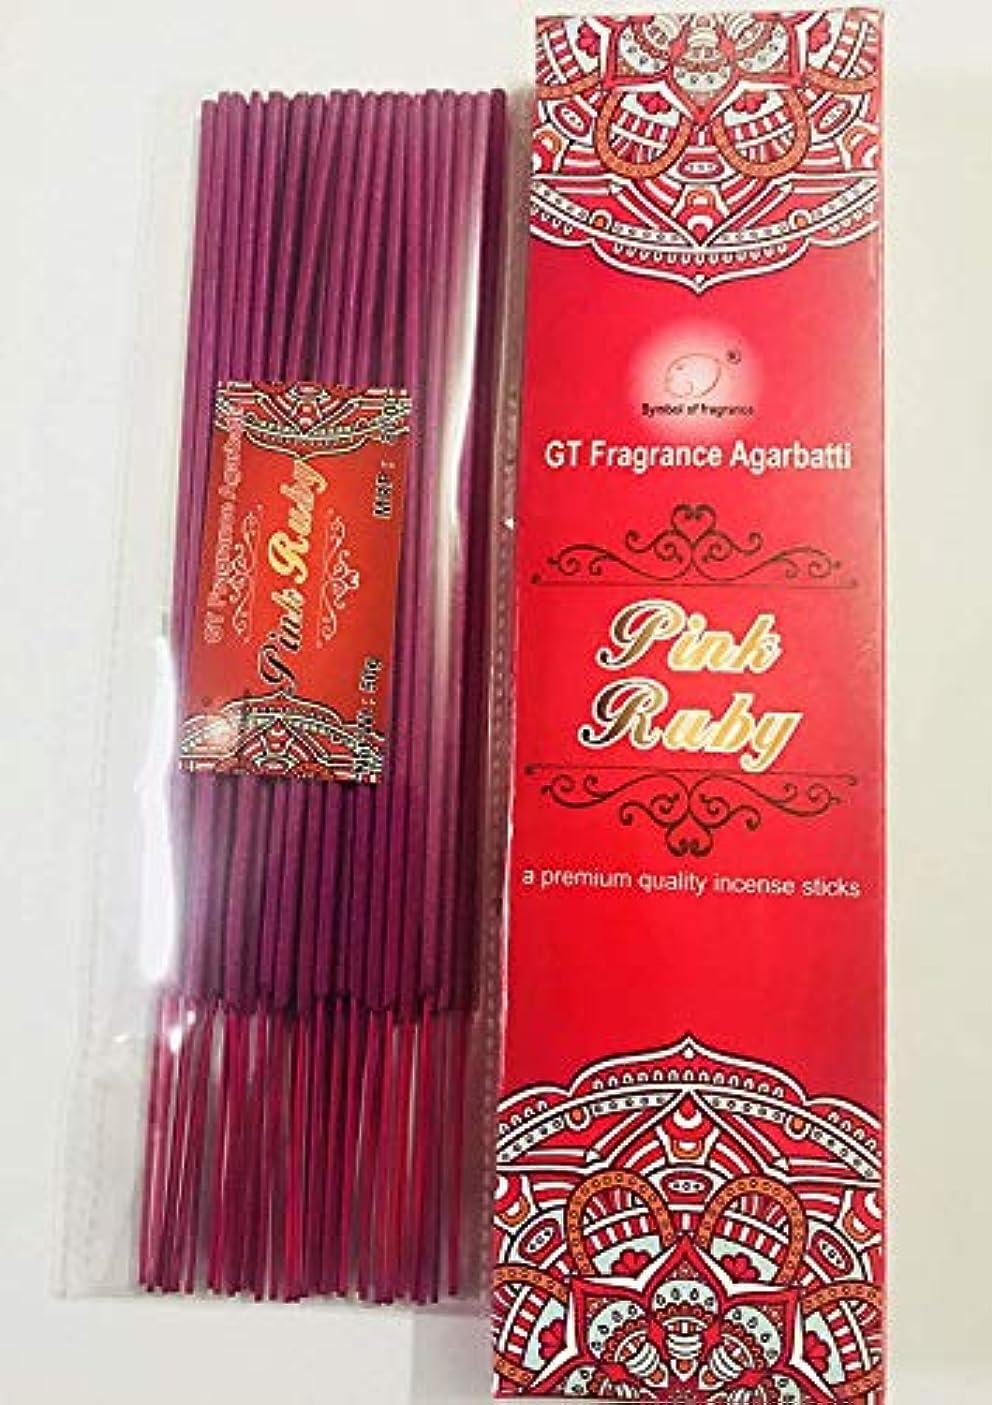 休憩する確認する帰するPink Ruby. Bundle of 2 Packs, a Premium Quality Incense sticks-100g